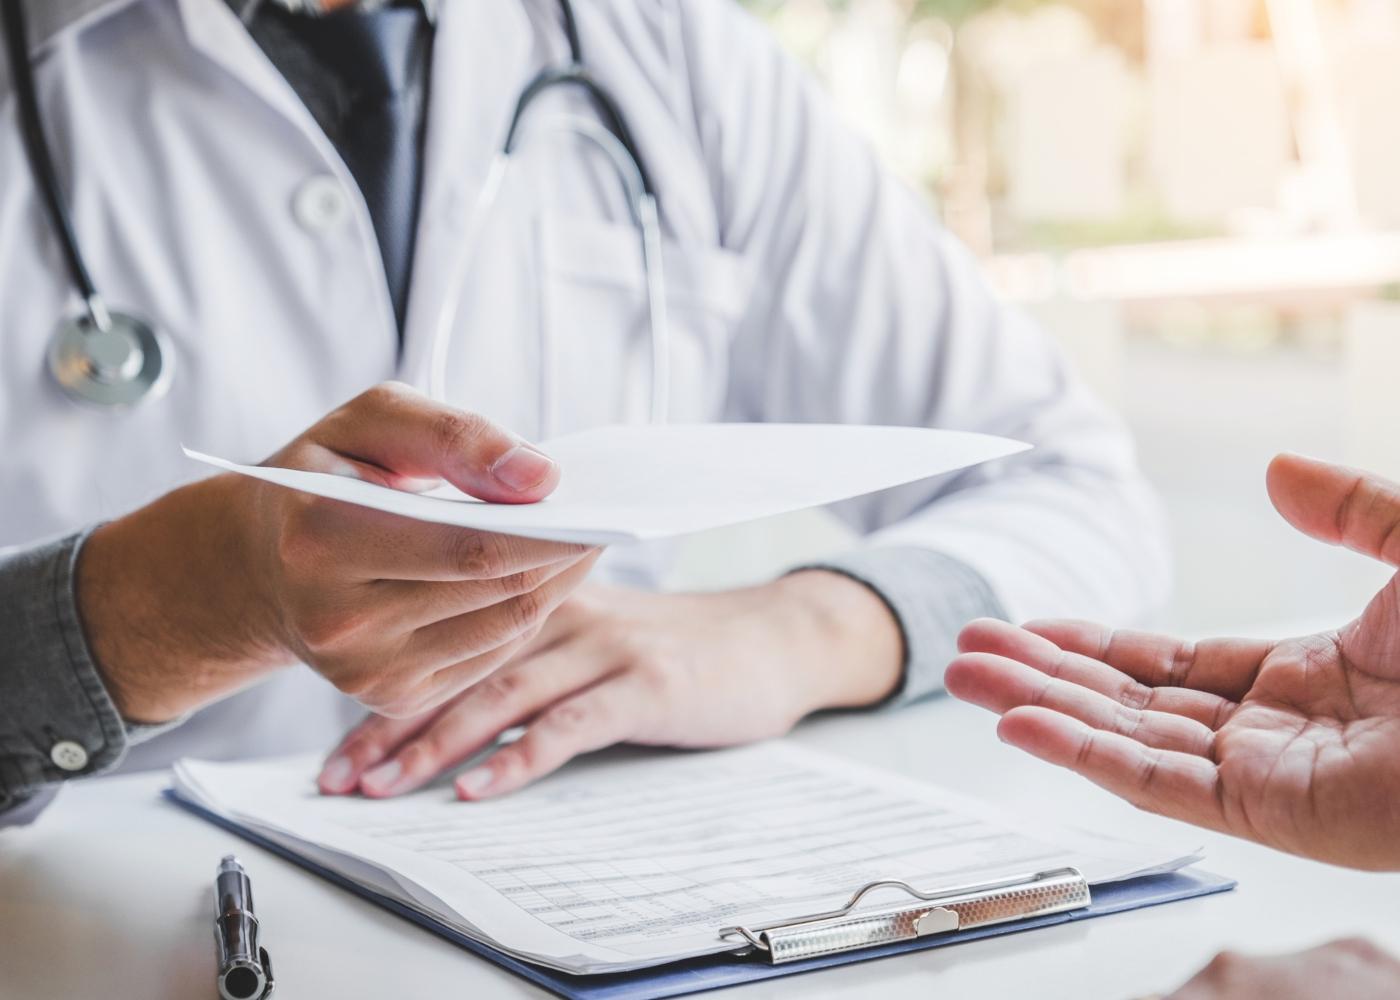 Médico de família a prescrever exame a paciente